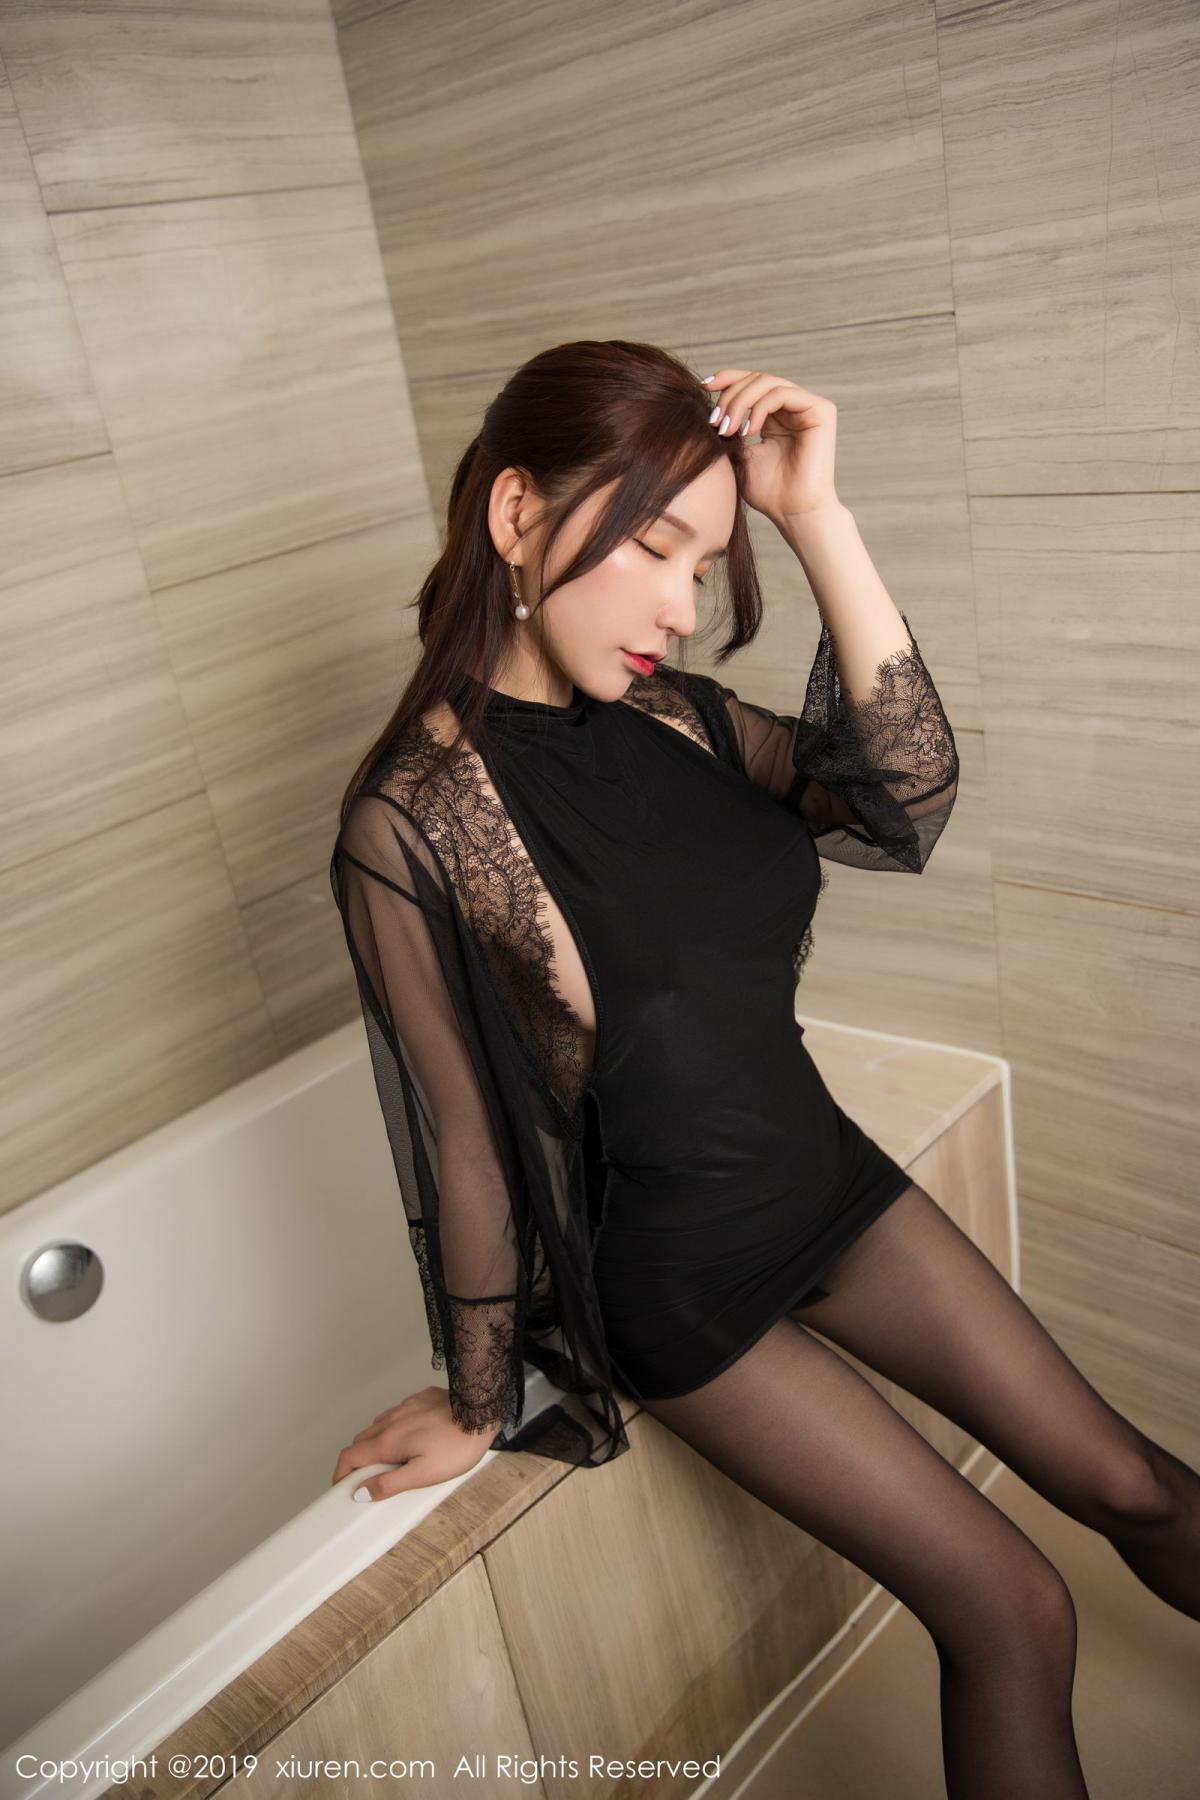 [XiuRen] Vol.1556 Zhou Yu Xi 10P, Bathroom, Black Silk, Tall, Underwear, Xiuren, Zhou Yu Xi